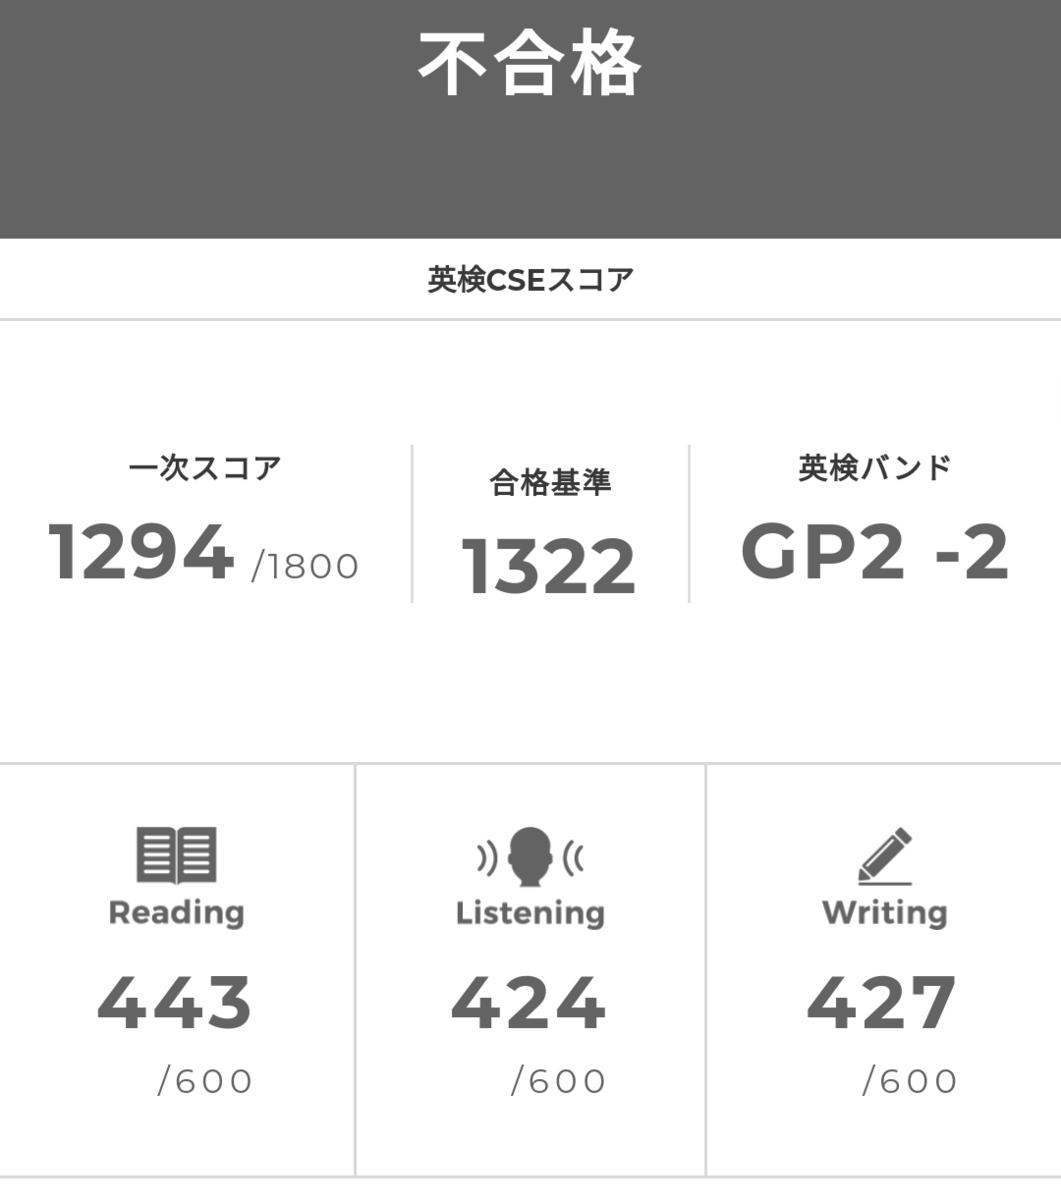 f:id:sakurakokun:20210209164455p:plain